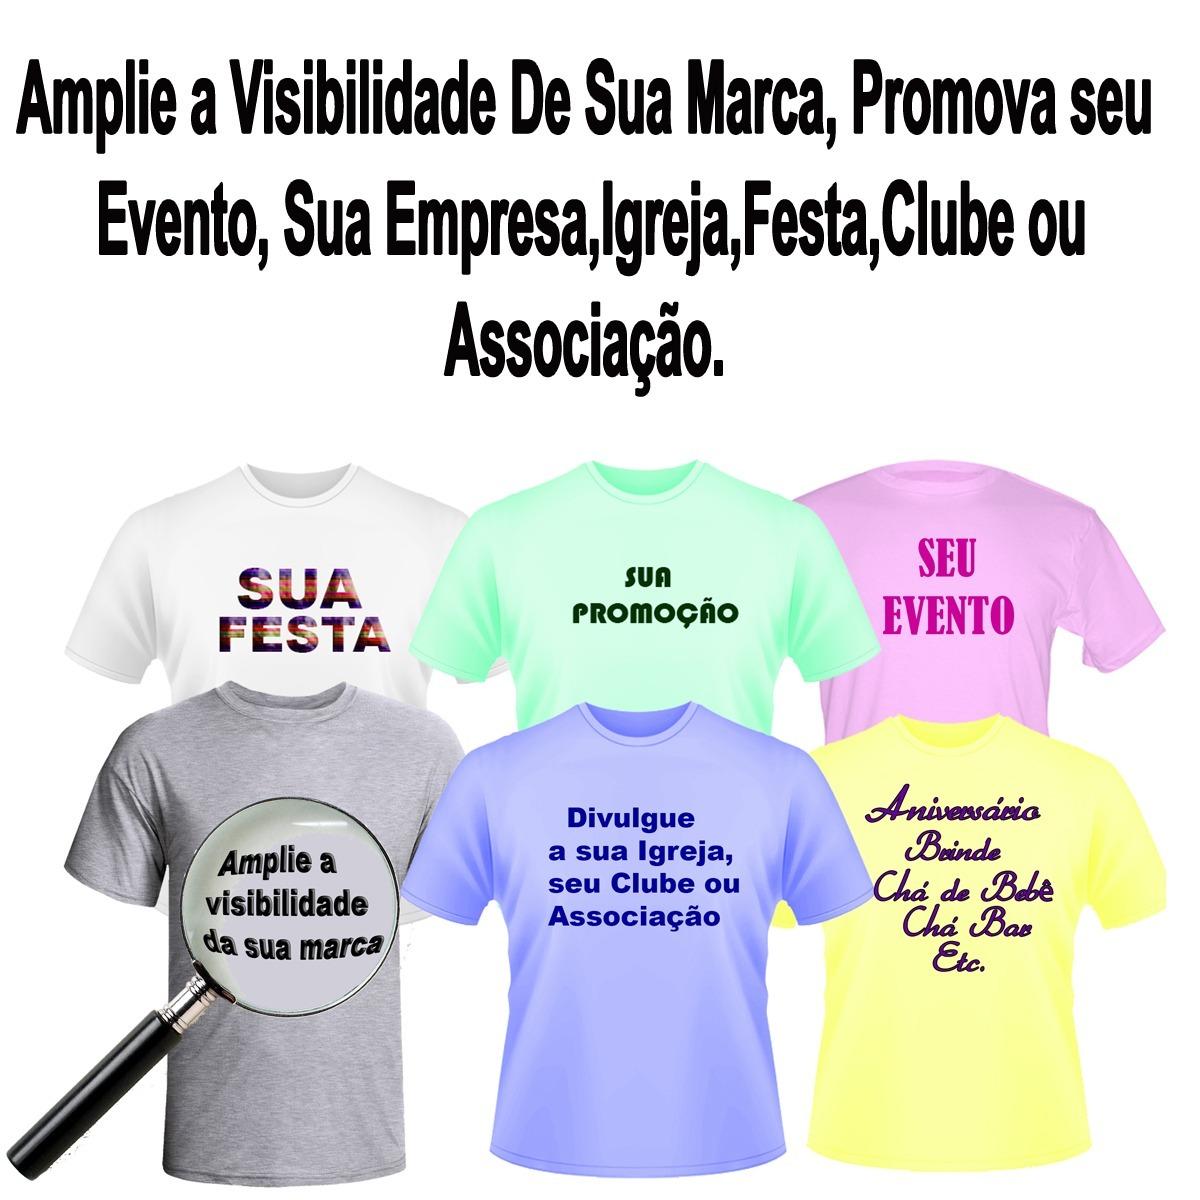 9ed2ed2955 20 camisetas personalizadas com seu logo - uniformes-festa. Carregando zoom.